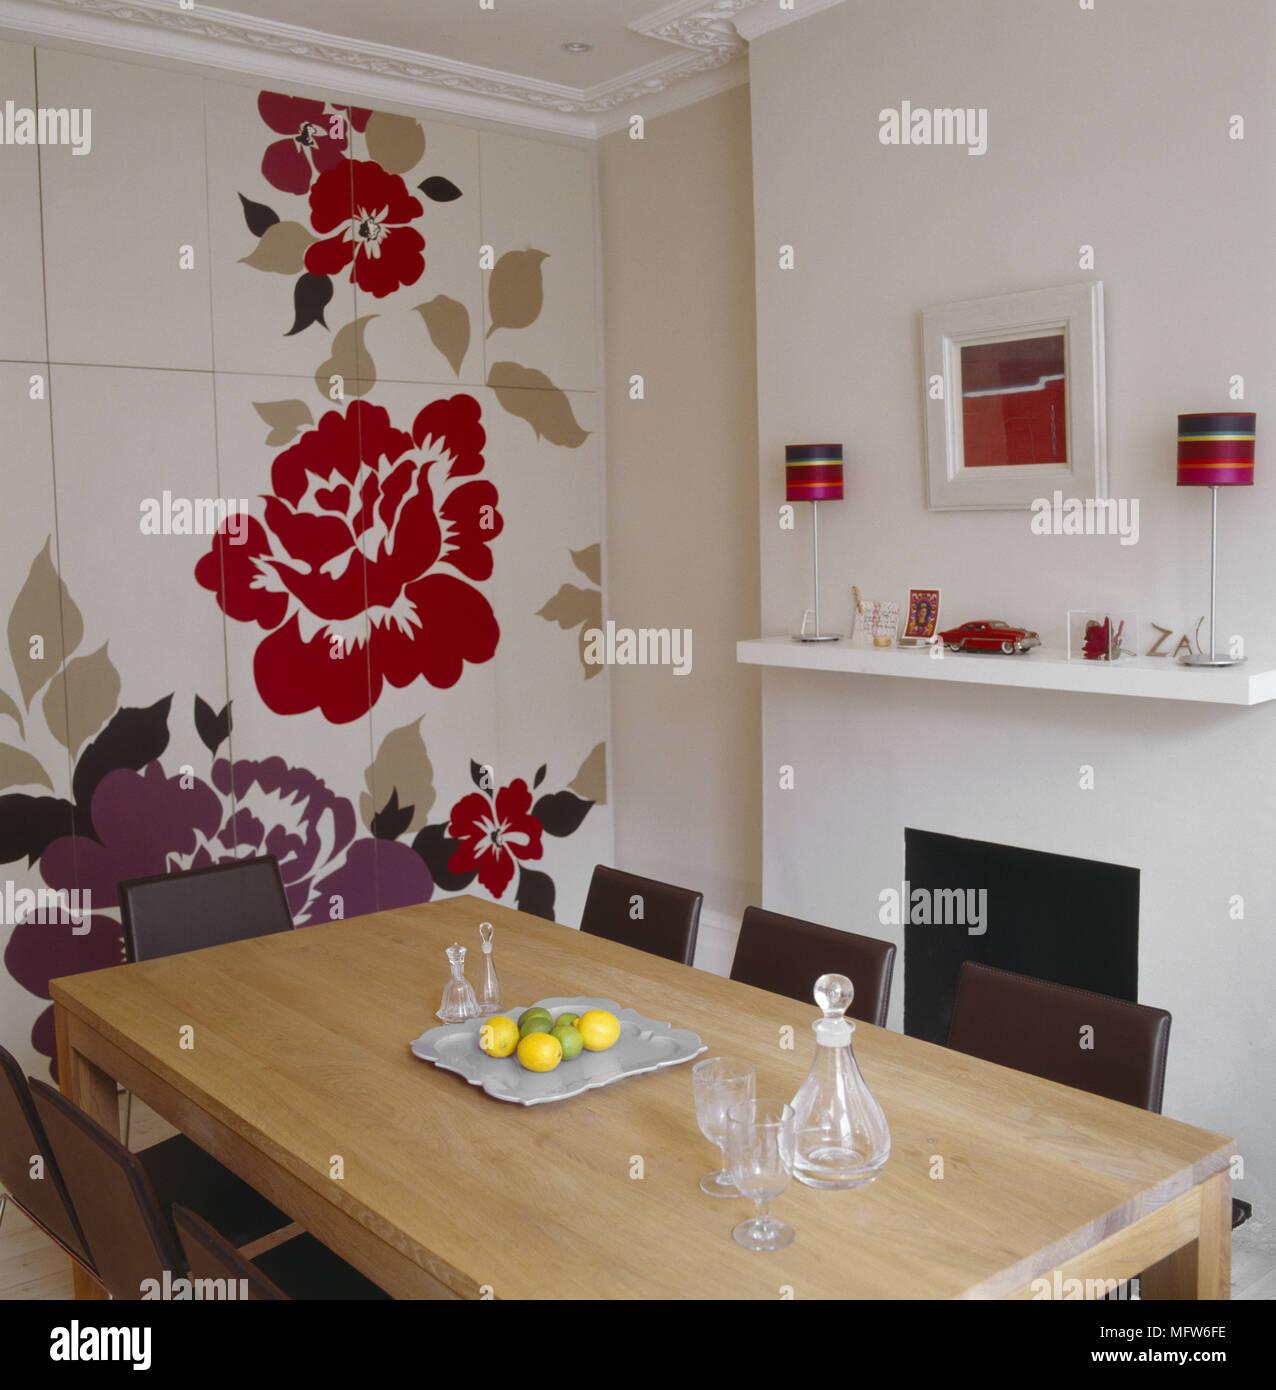 Una Moderna Sala Da Pranzo Con Camino Semplice Floreale Dipinto Murale Sulla Parete Tavolo In Legno Sedie In Pelle Foto Stock Alamy